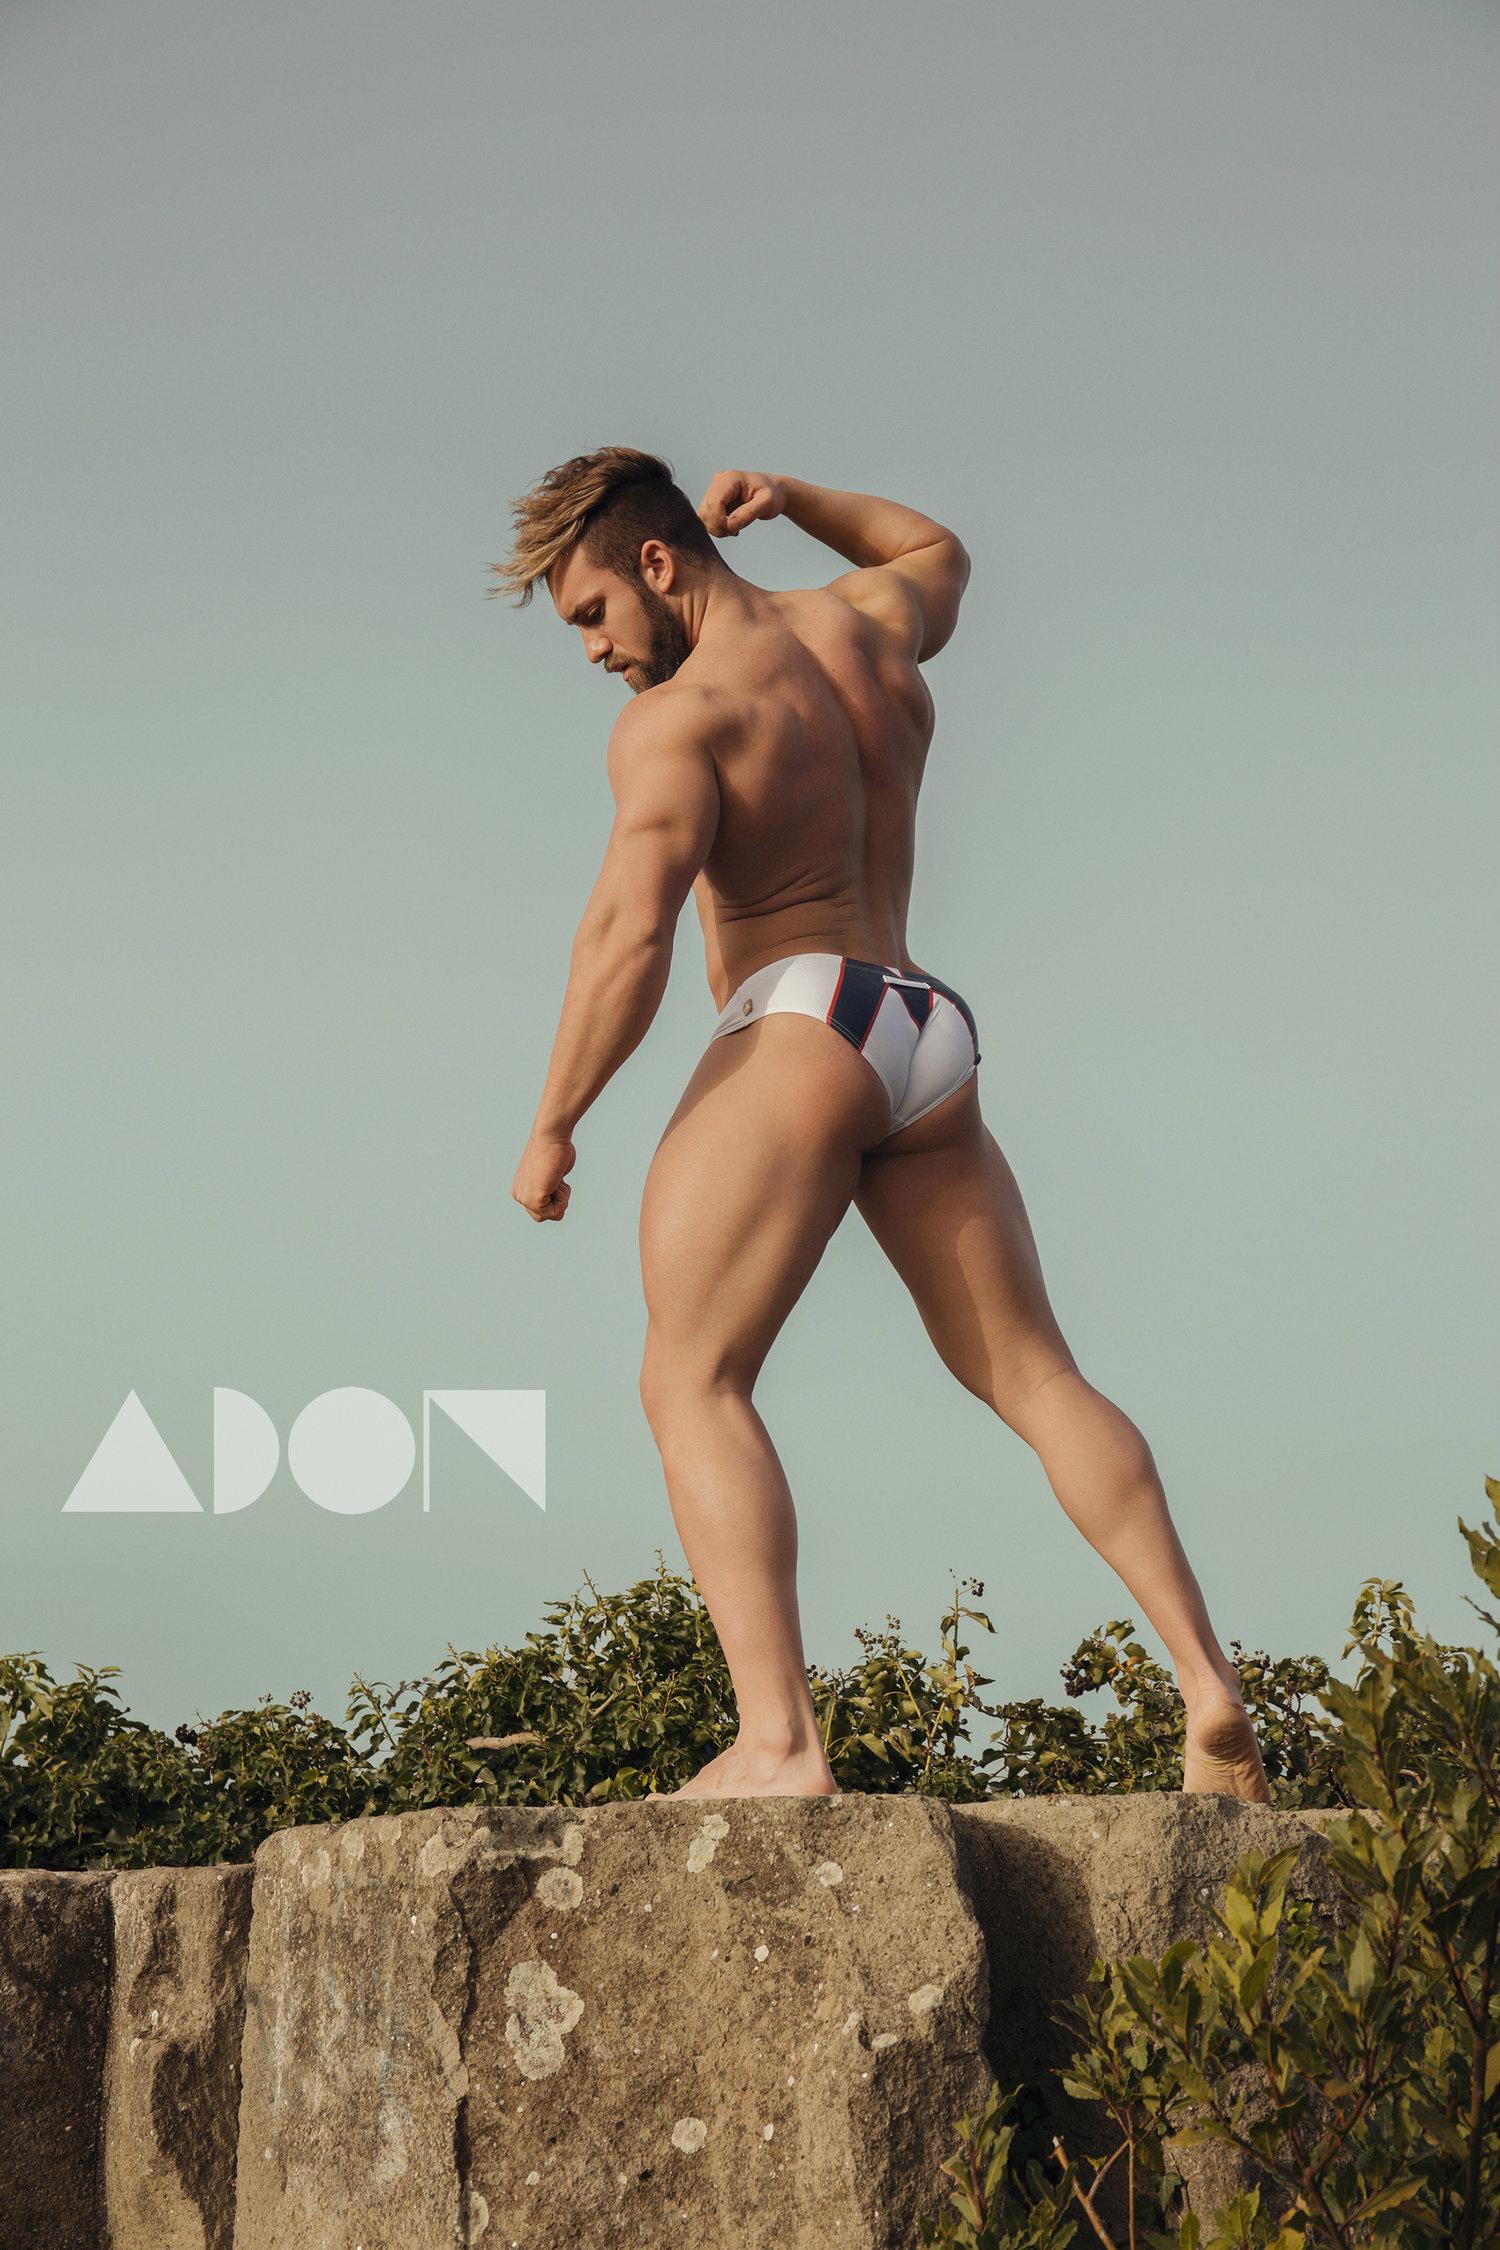 Adon Exclusive: Model Dominik By STAS VOKMAN